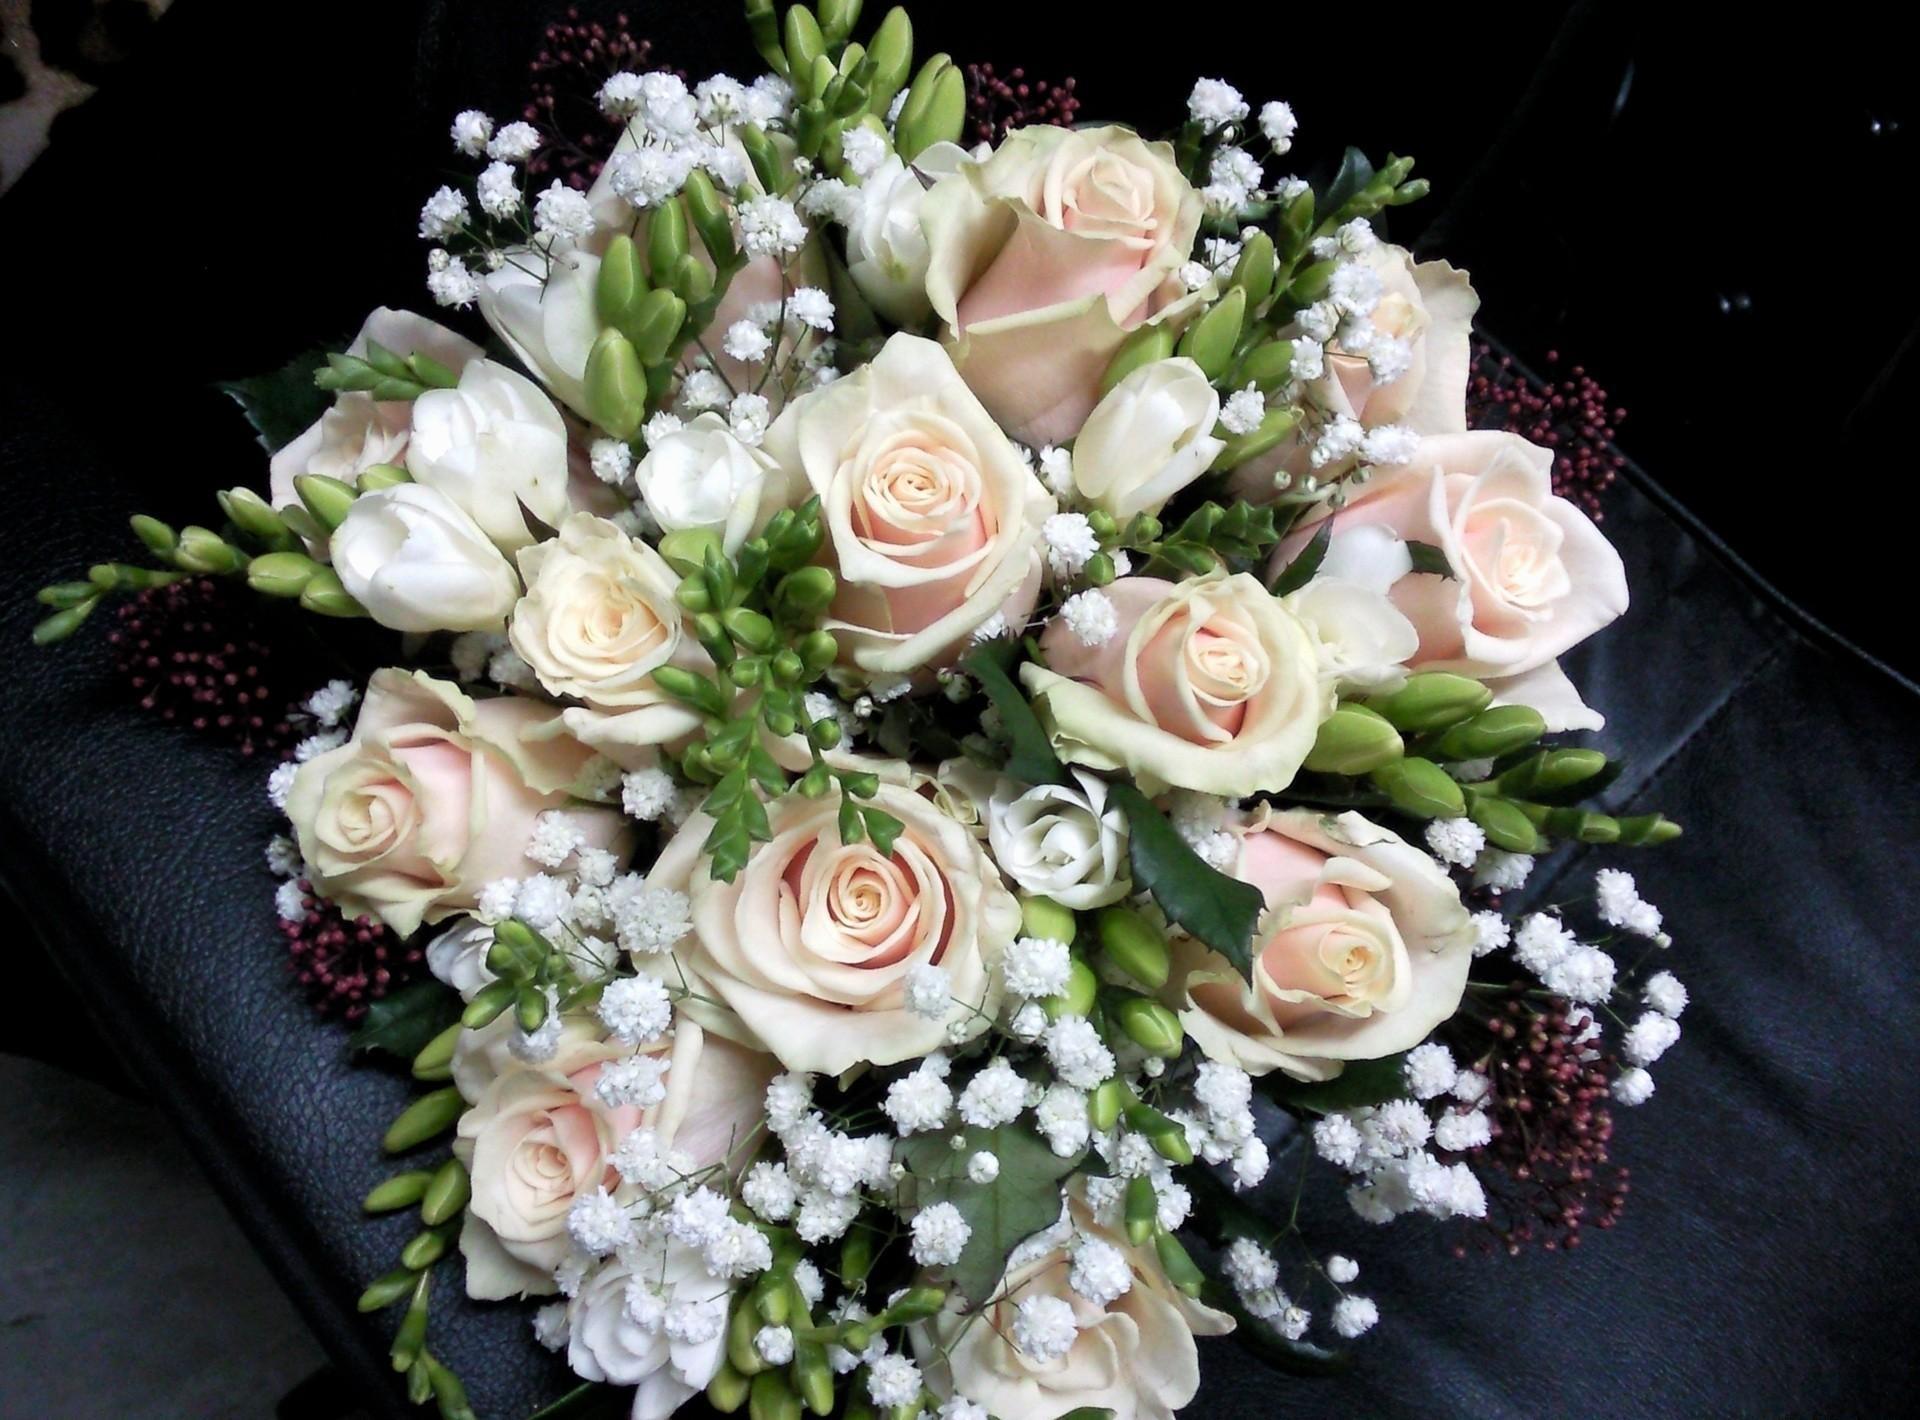 56861 Заставки и Обои Розы на телефон. Скачать Оформление, Цветы, Розы, Букет, Гипсофил, Фрезия картинки бесплатно